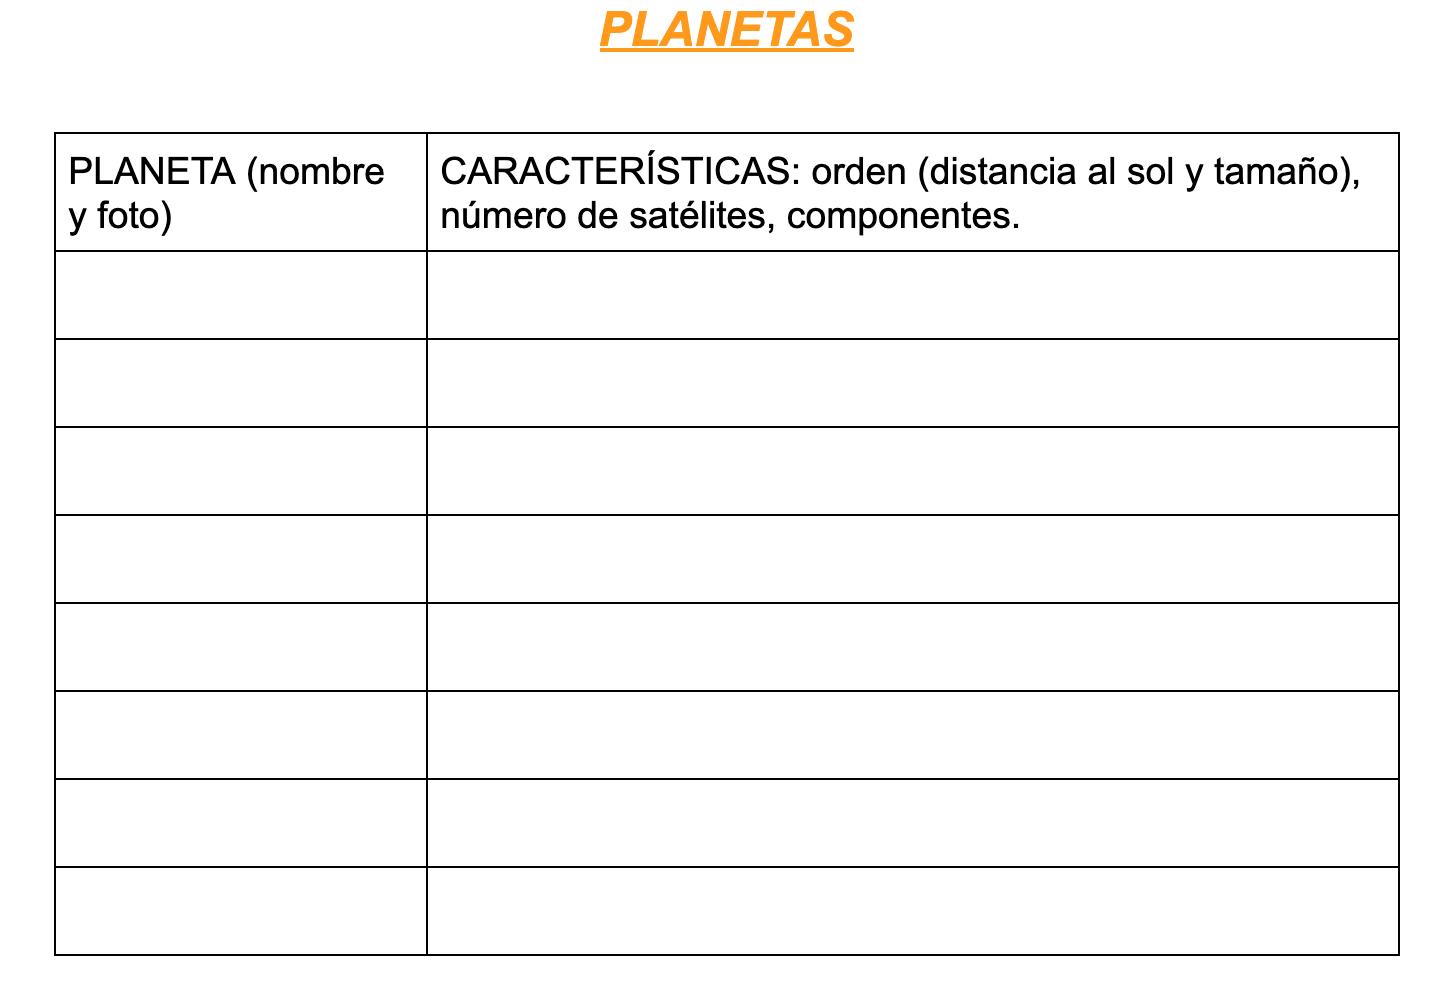 Documento sobre los planetas.